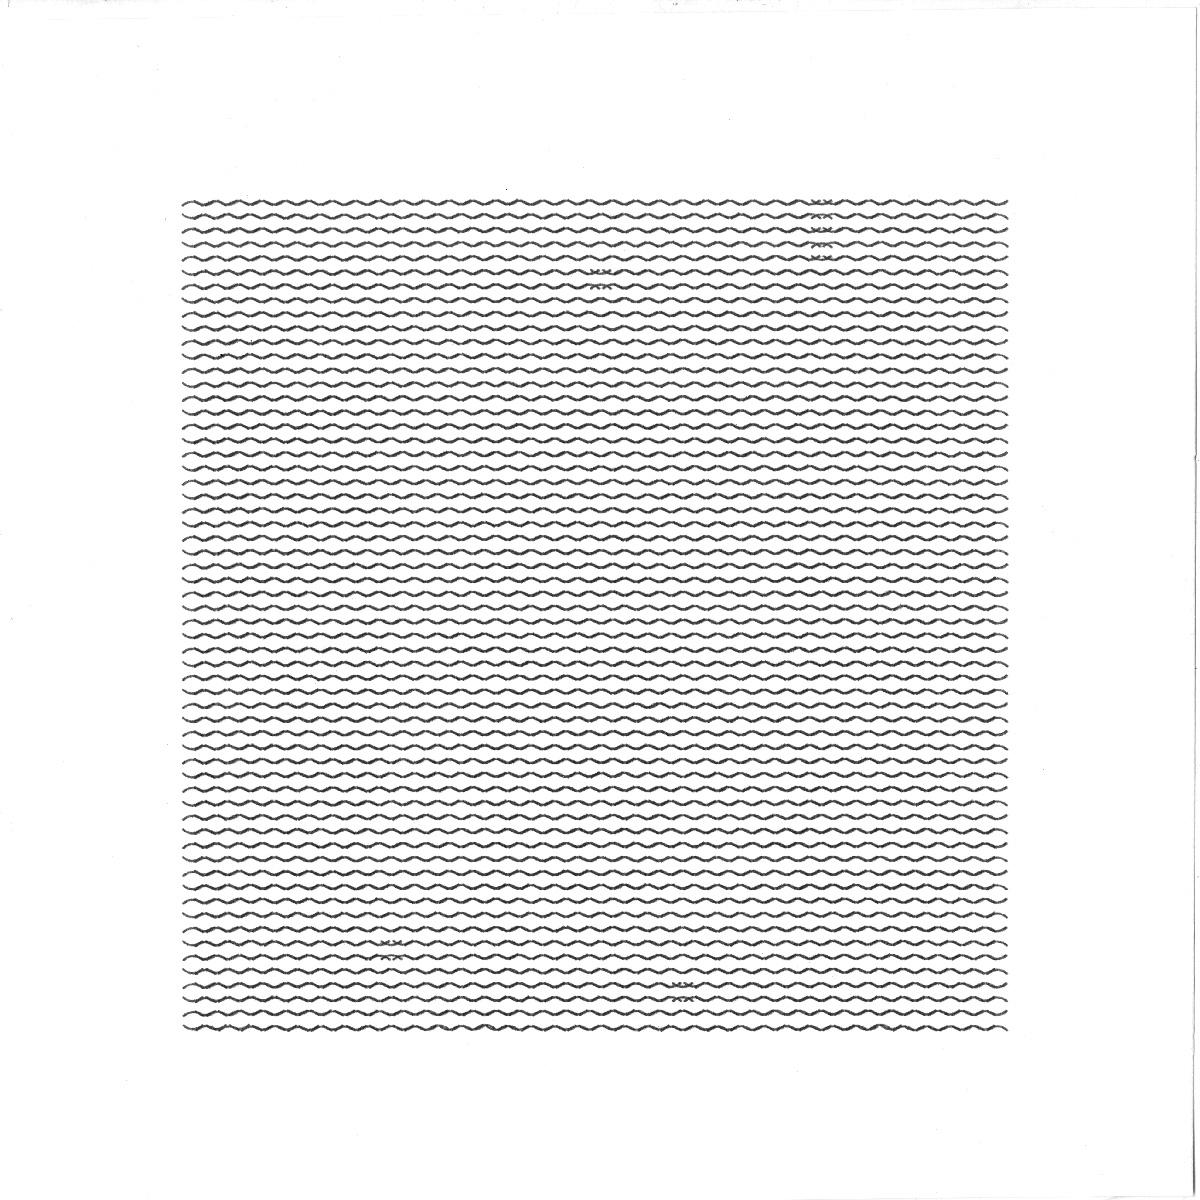 pattern9web.jpg